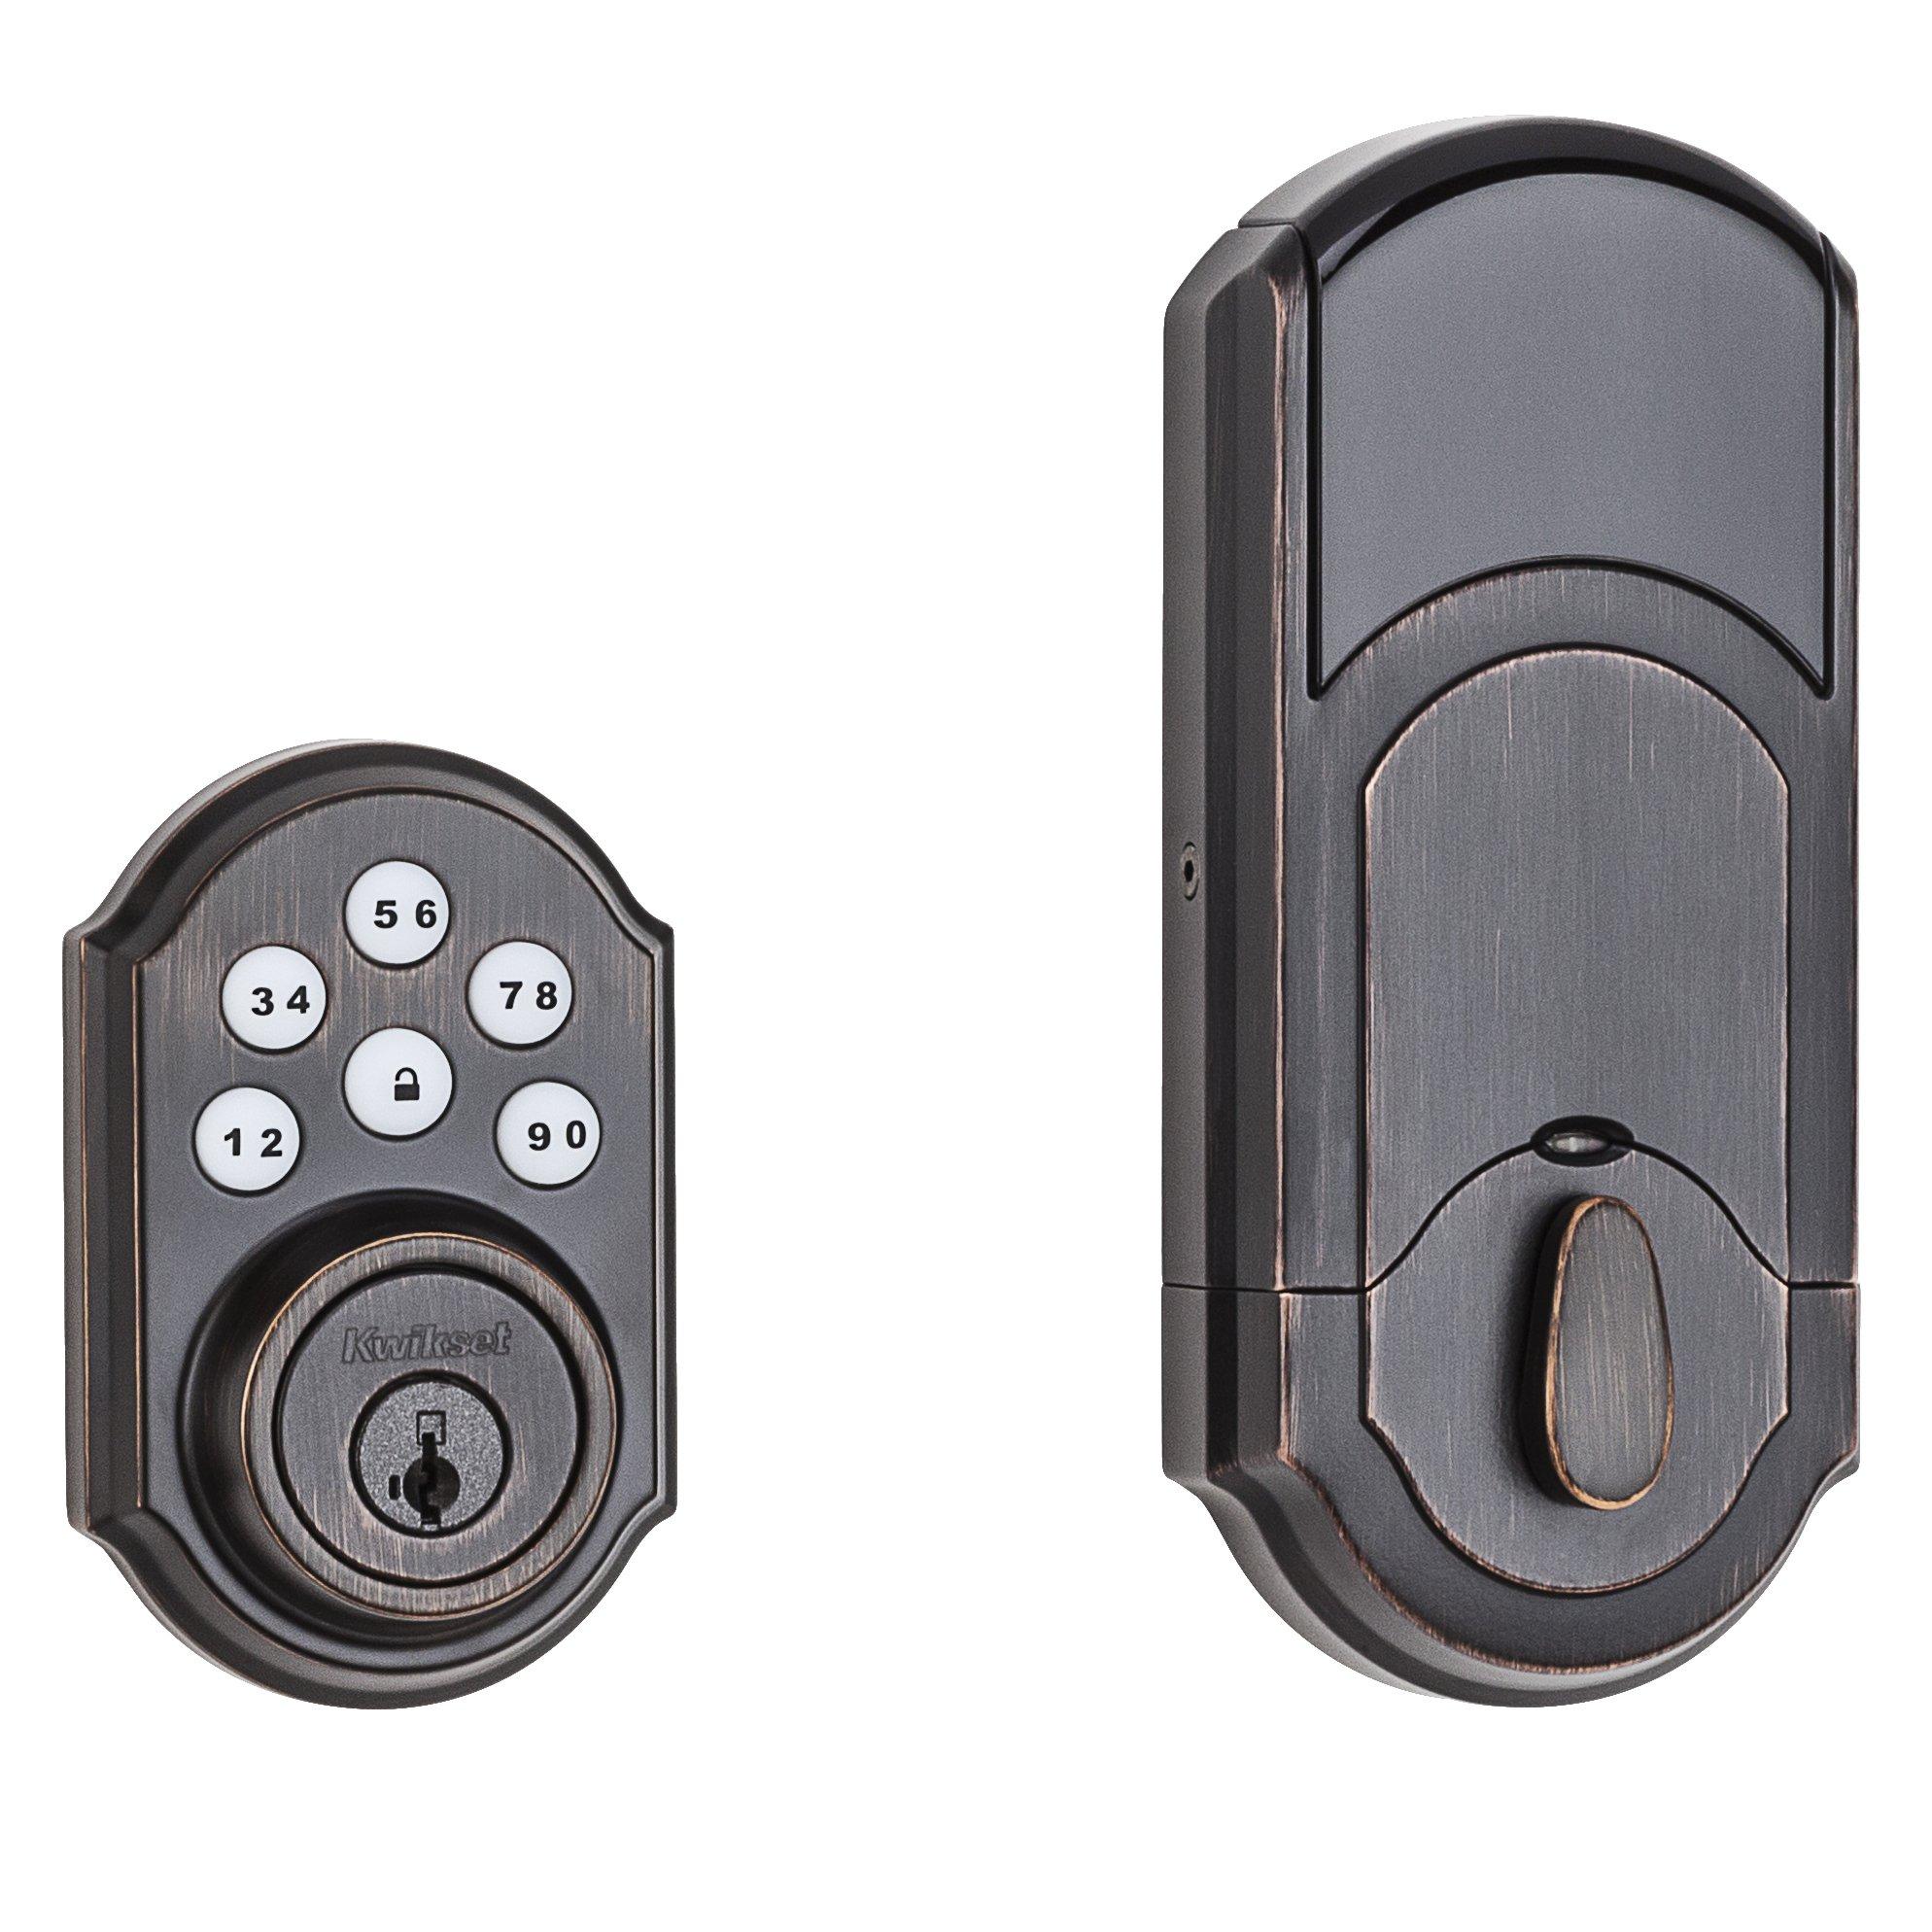 Kwikset 99100-045 SmartCode ZigBee Touchpad Smart Lock works with Echo Plus & Alexa, featuring SmartKey, Venetian Bronze by Kwikset (Image #3)